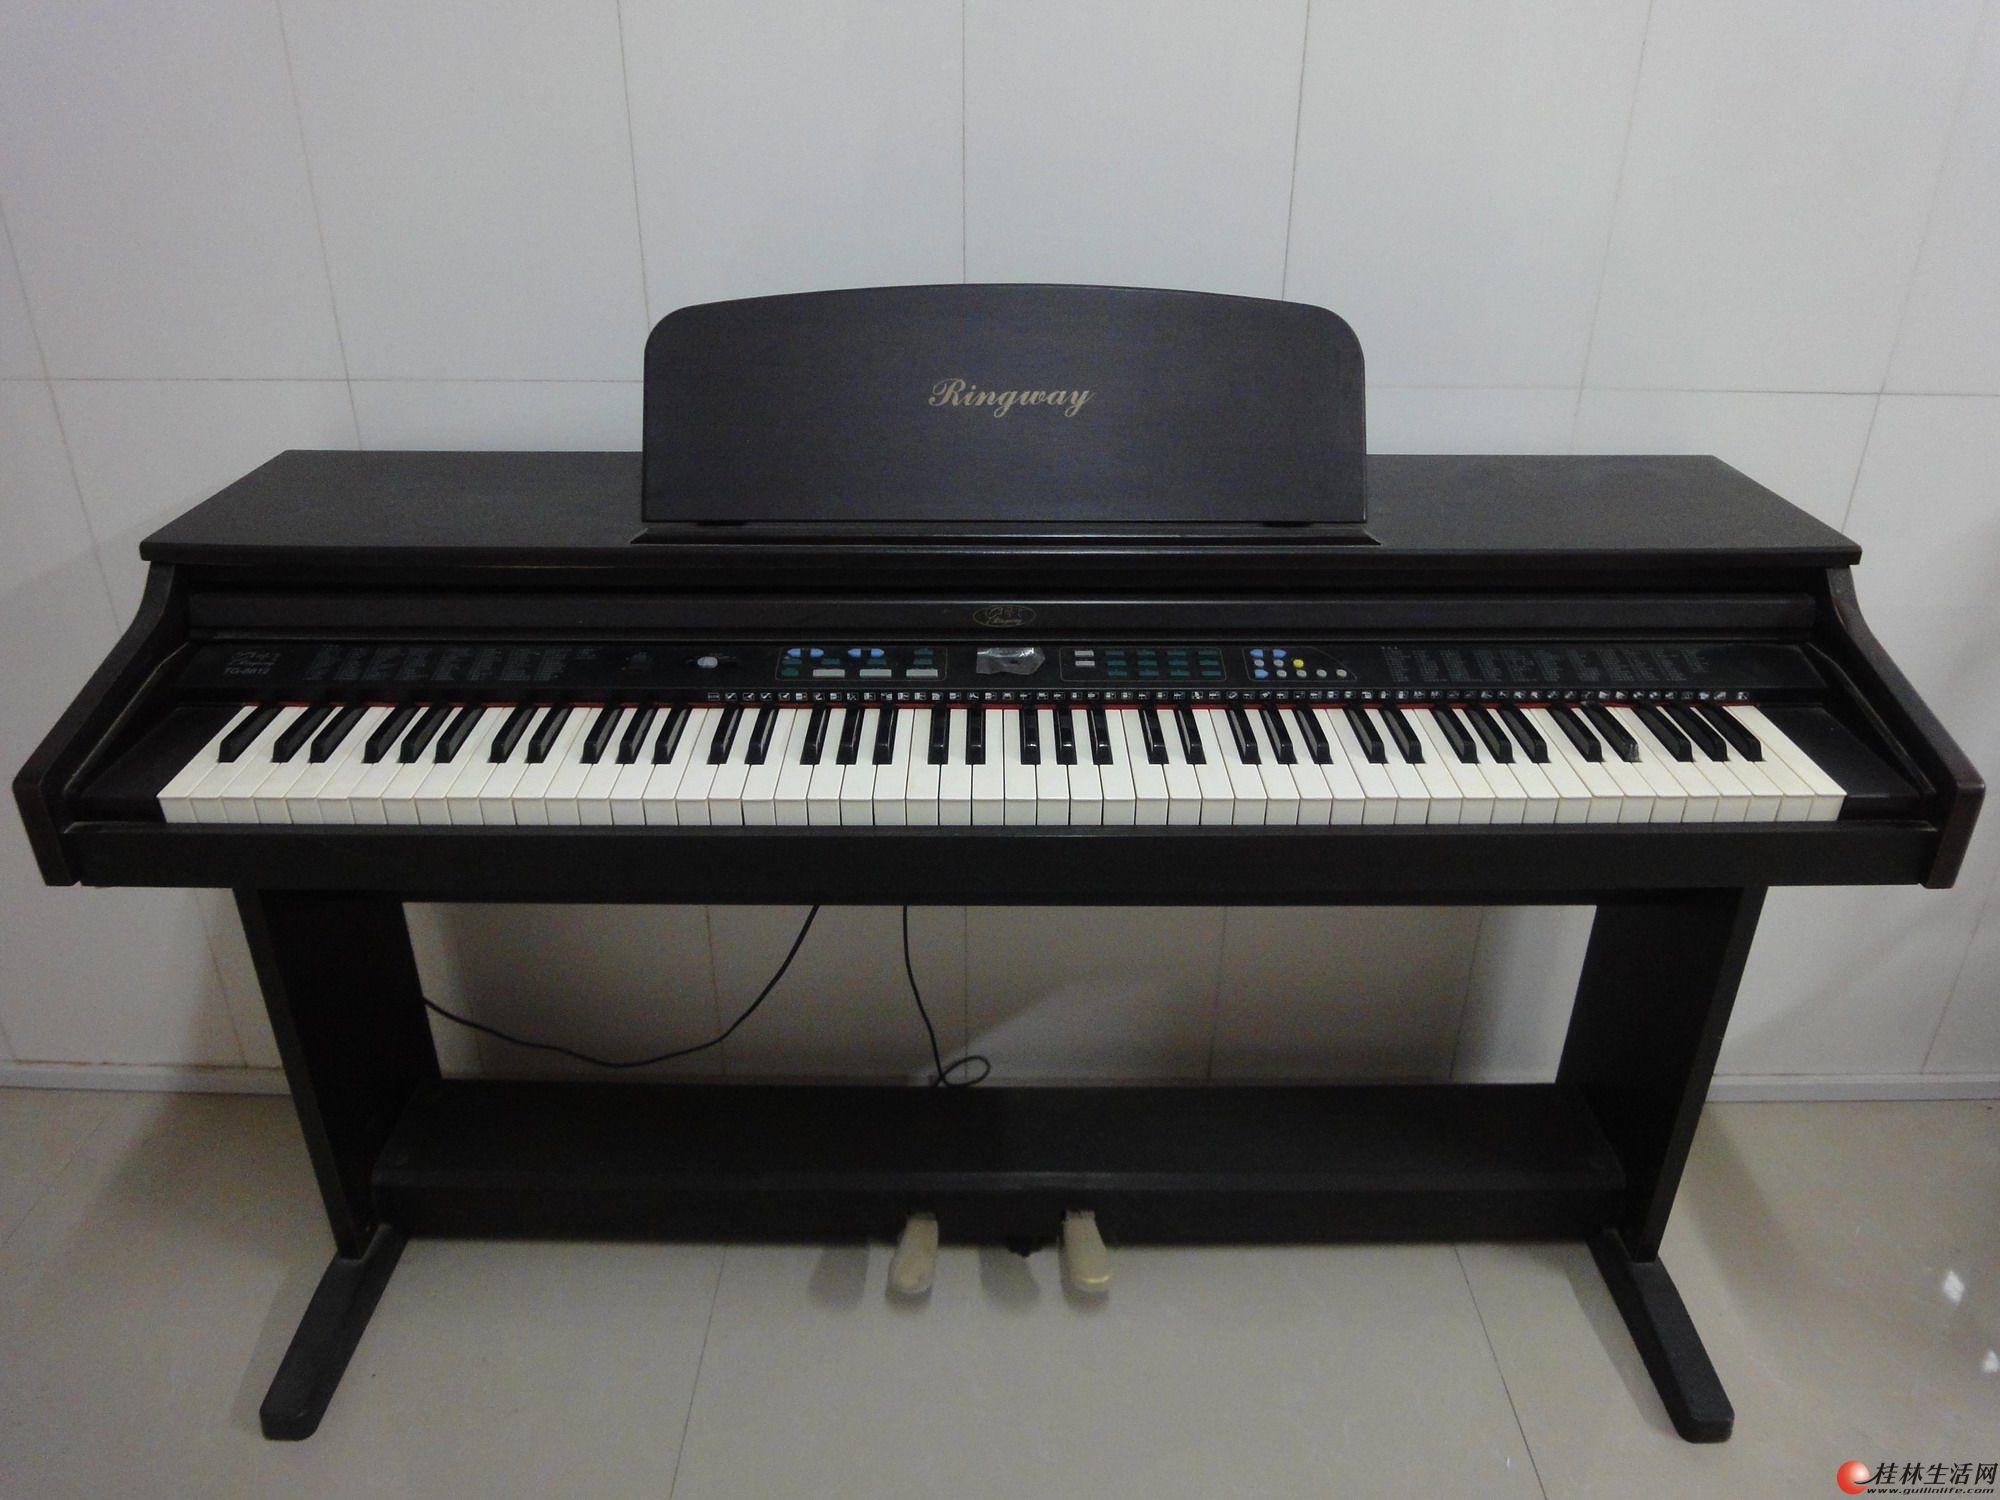 吟飞tg8812电钢琴图片